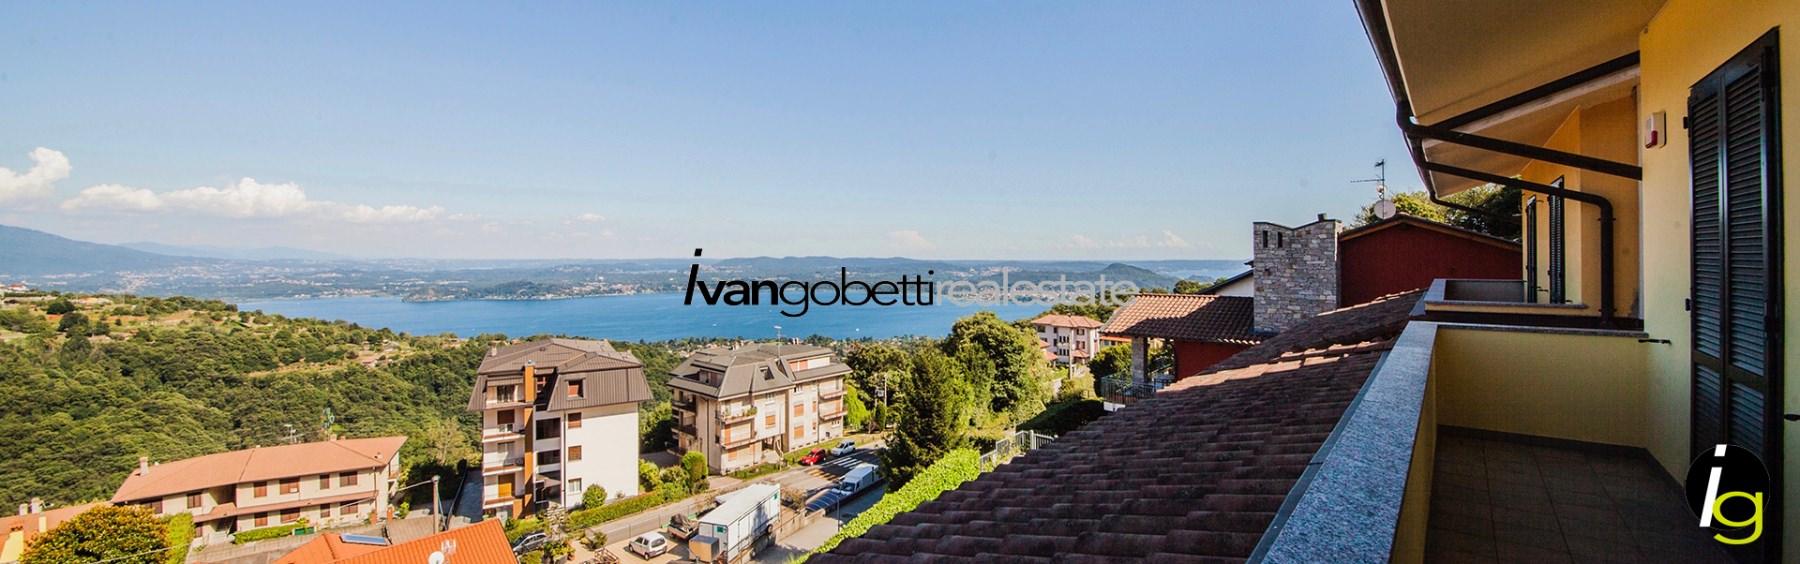 Lago Maggiore, Villetta con vista e giardino in vendita